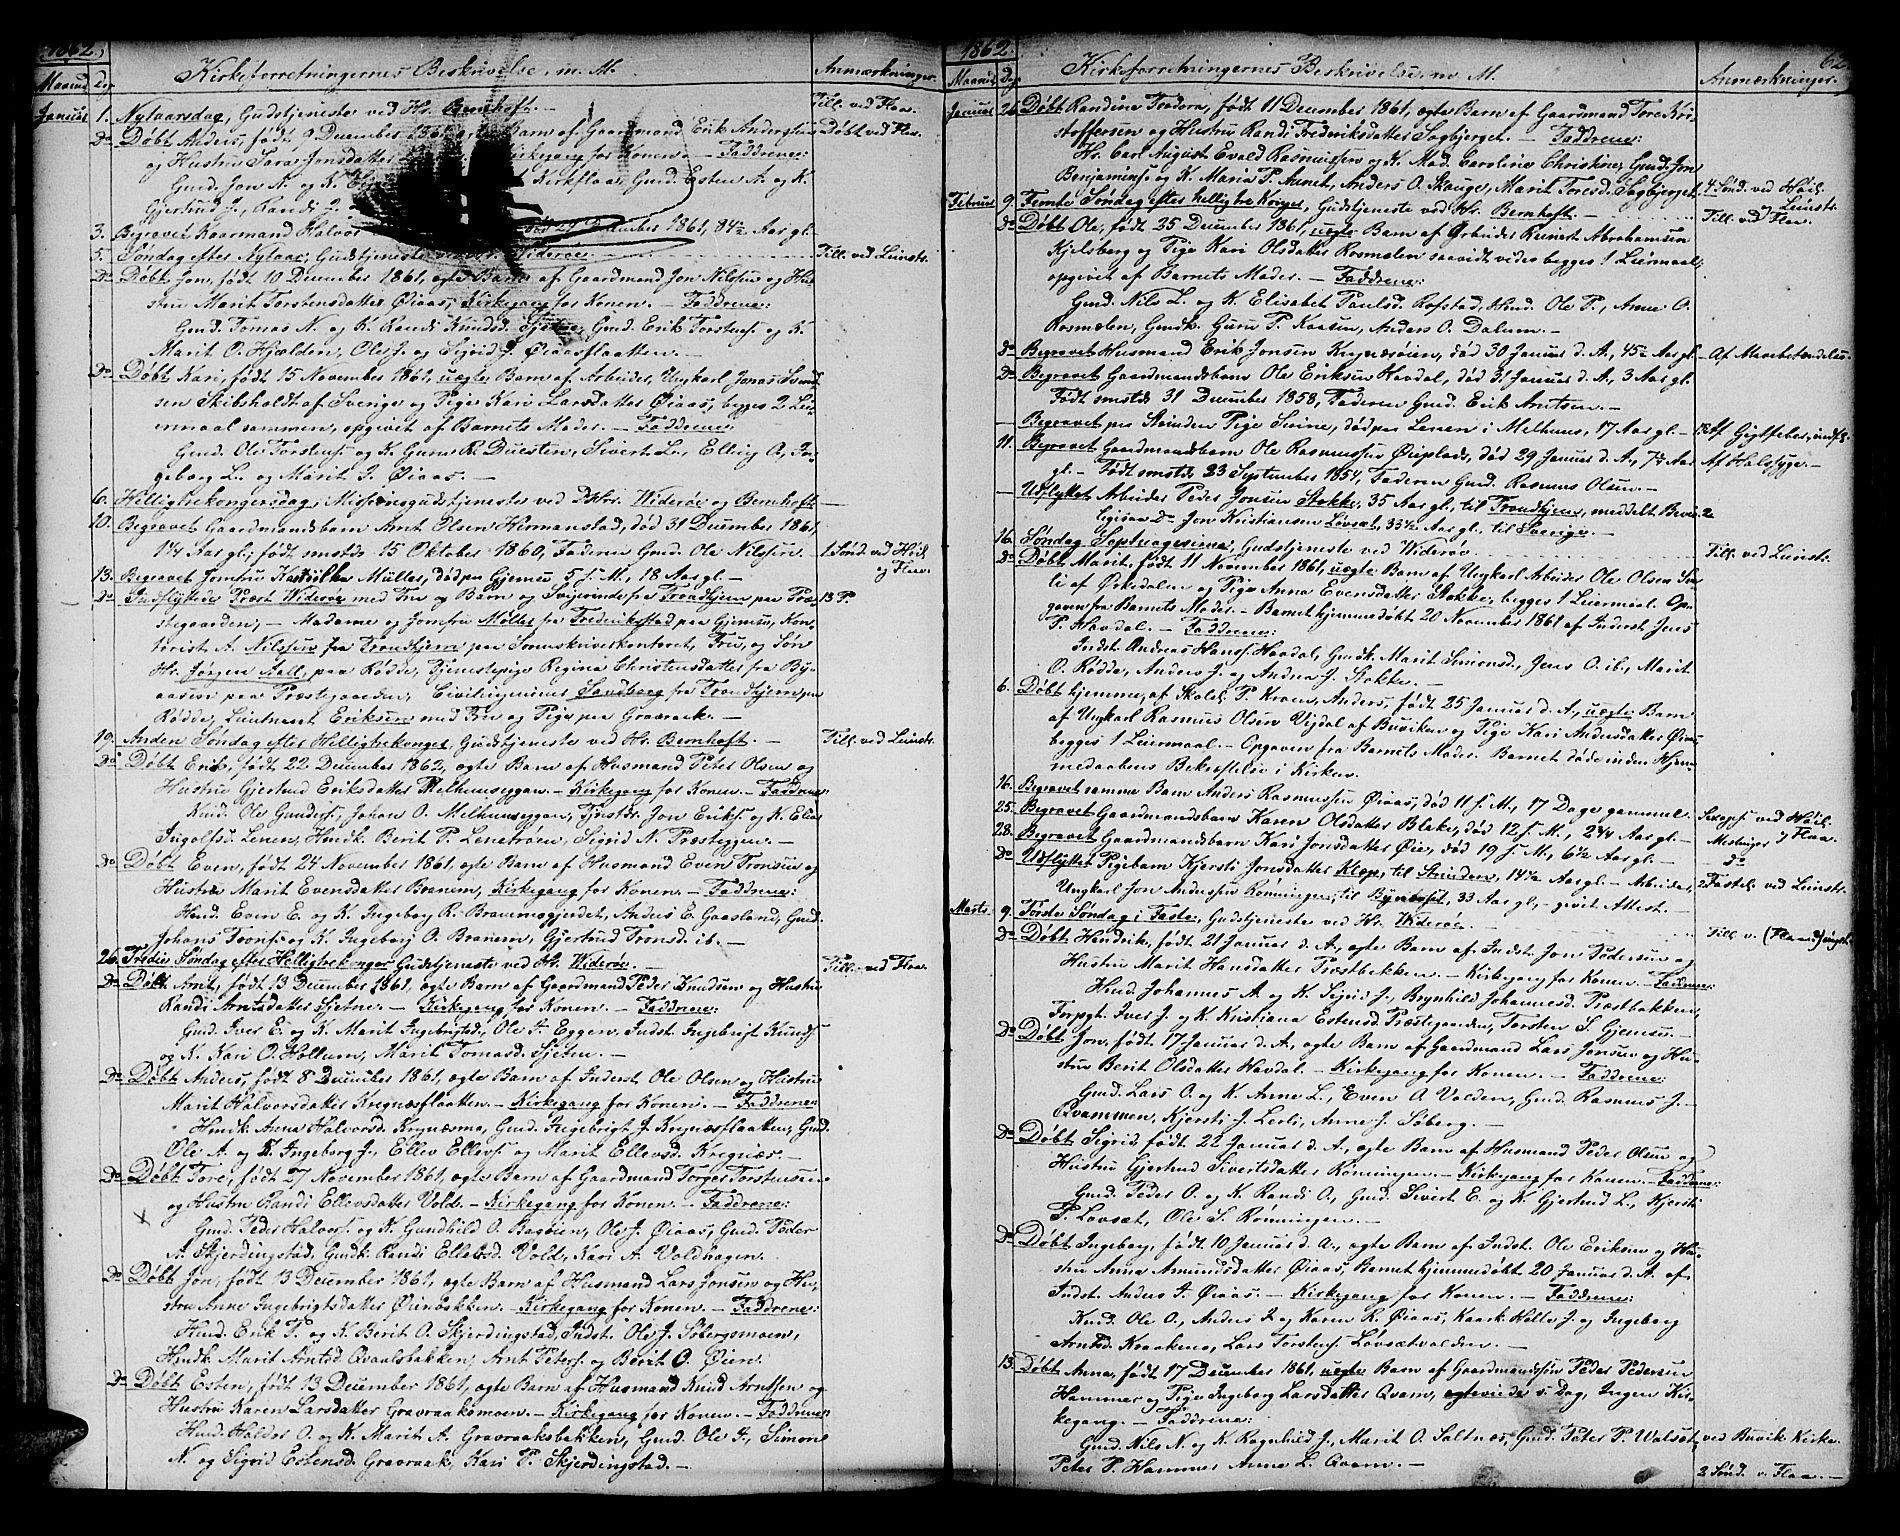 SAT, Ministerialprotokoller, klokkerbøker og fødselsregistre - Sør-Trøndelag, 691/L1093: Klokkerbok nr. 691C04, 1852-1879, s. 62